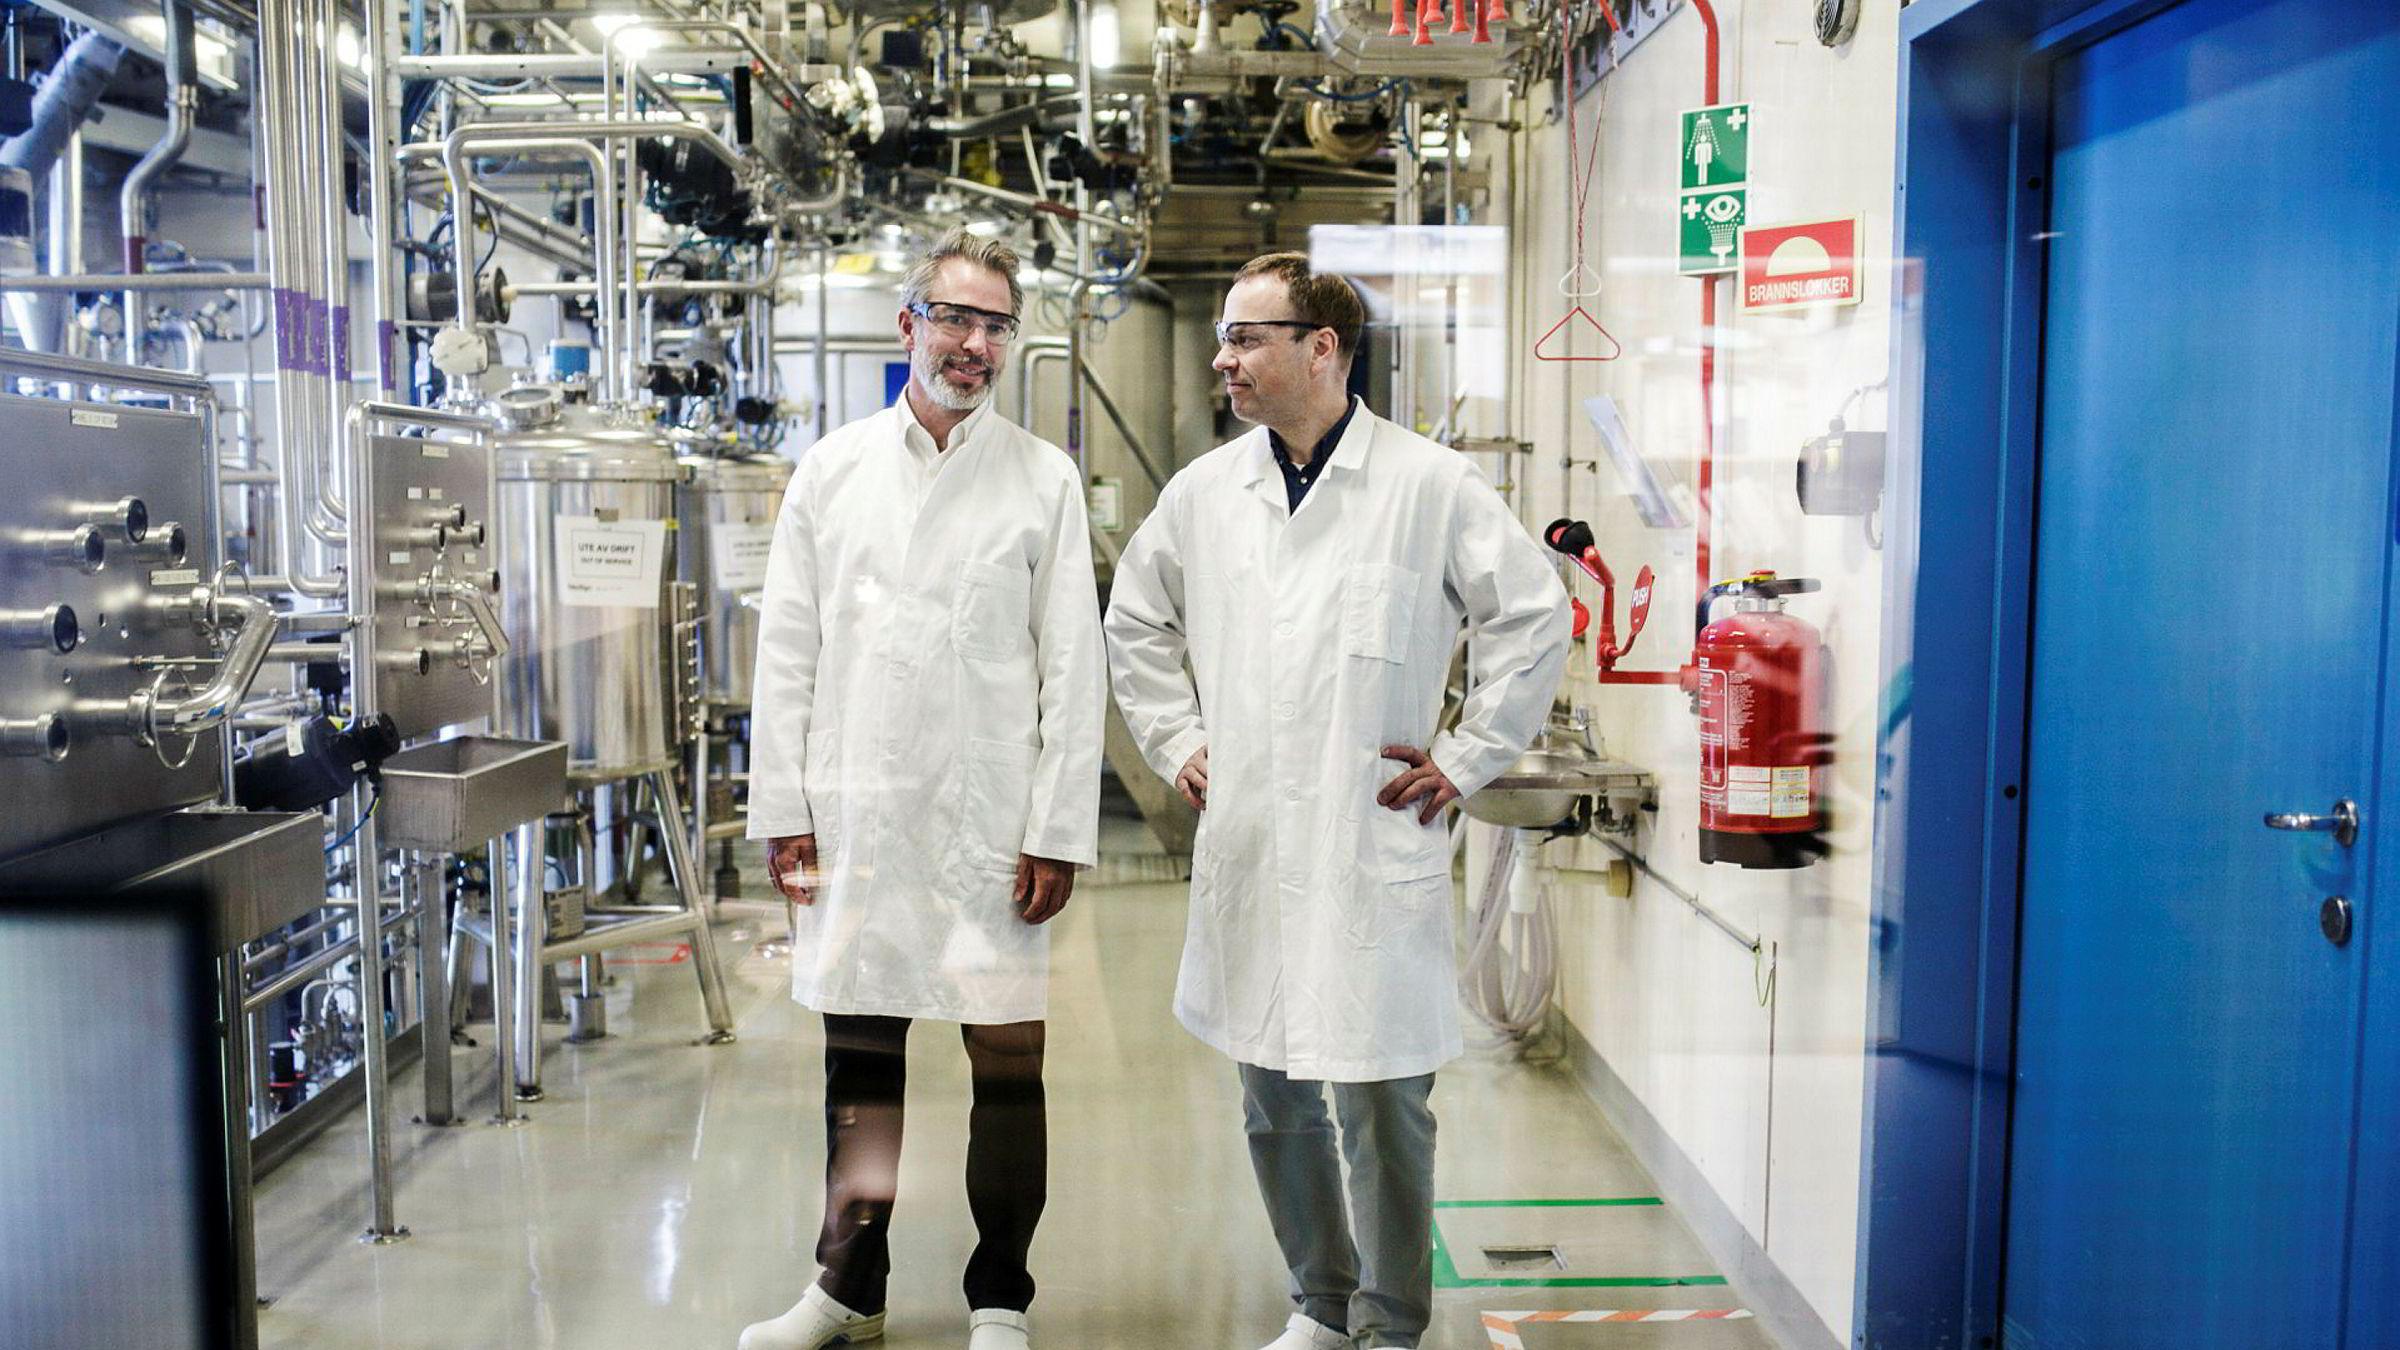 Administrerende direktør Ole Jesper Dahlberg (til venstre) og forskningsdirektør Erlend Ragnhildstveit hos Life Technologies leverer eventyrlige marginer og nytt medisinsk gjennombrudd.